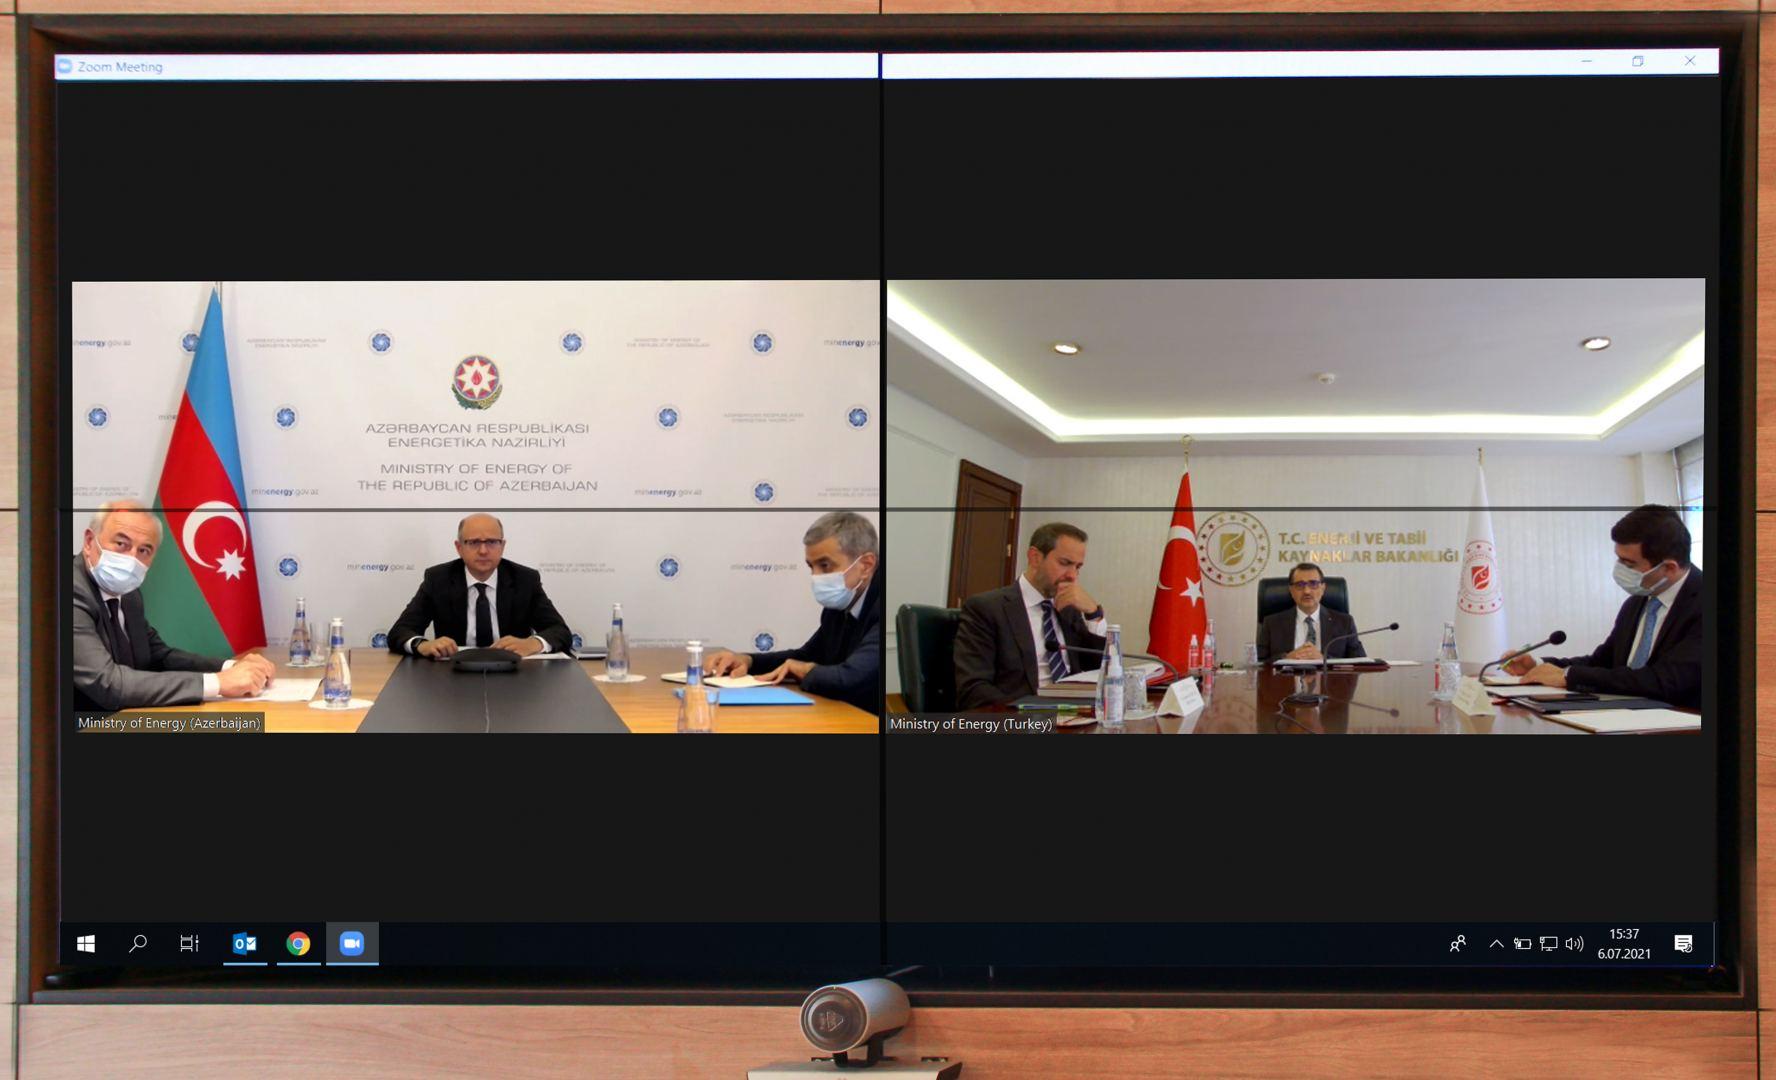 Bakıda Azərbaycan-Türkiyə Enerji Forumunun keçirilməsi planlaşdırılır (FOTO) - Gallery Image